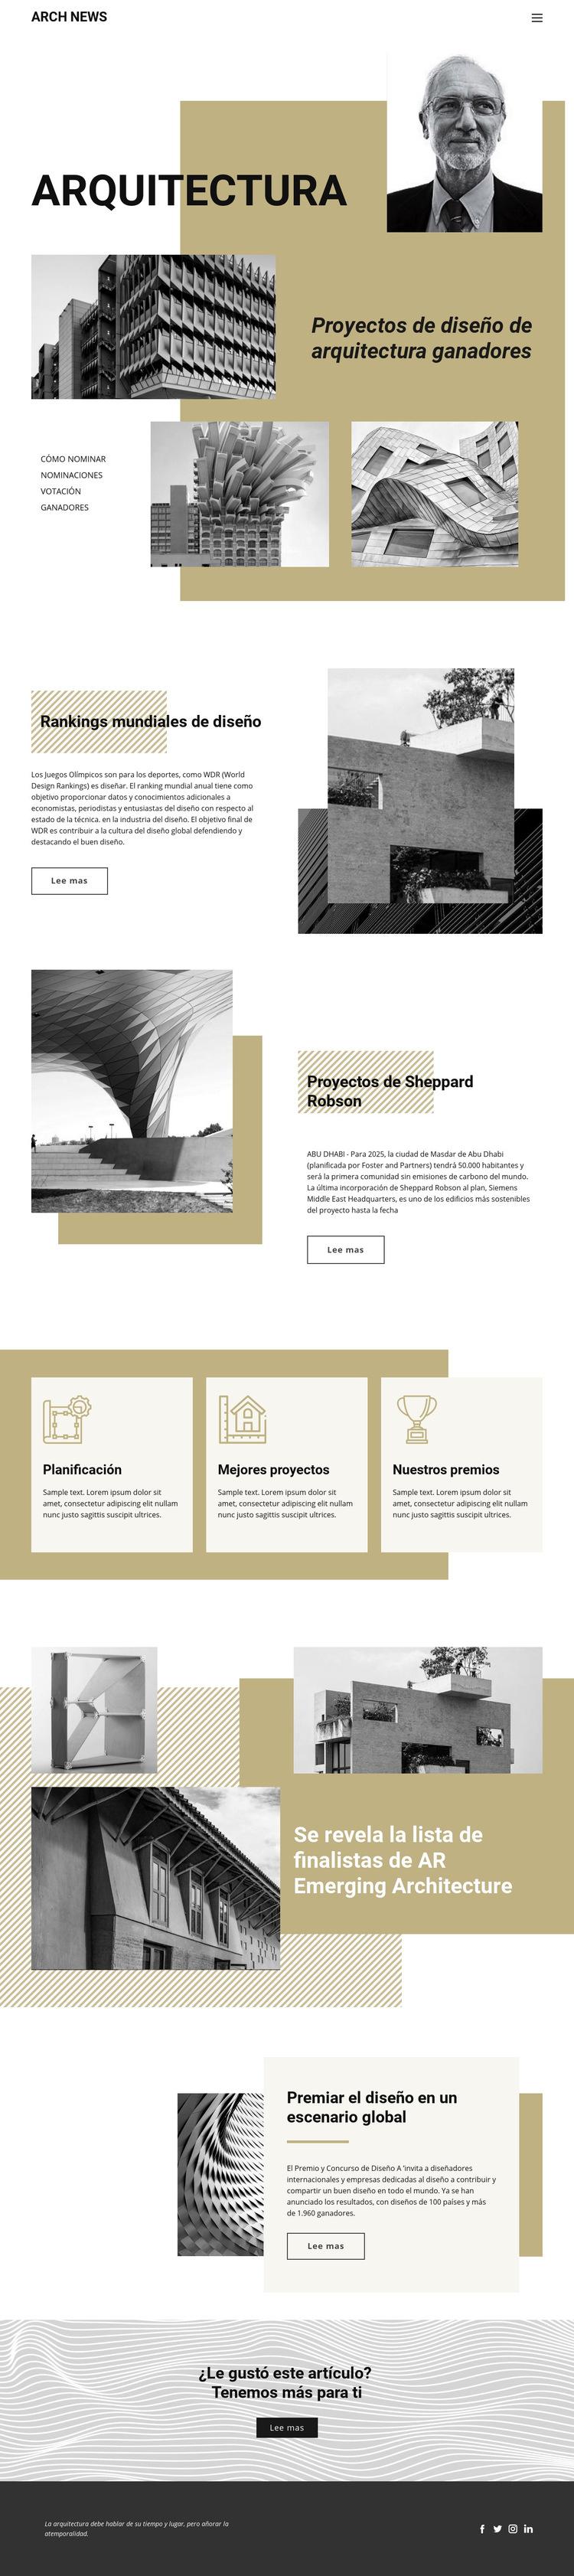 Diseño de Arquitectura Plantilla de sitio web